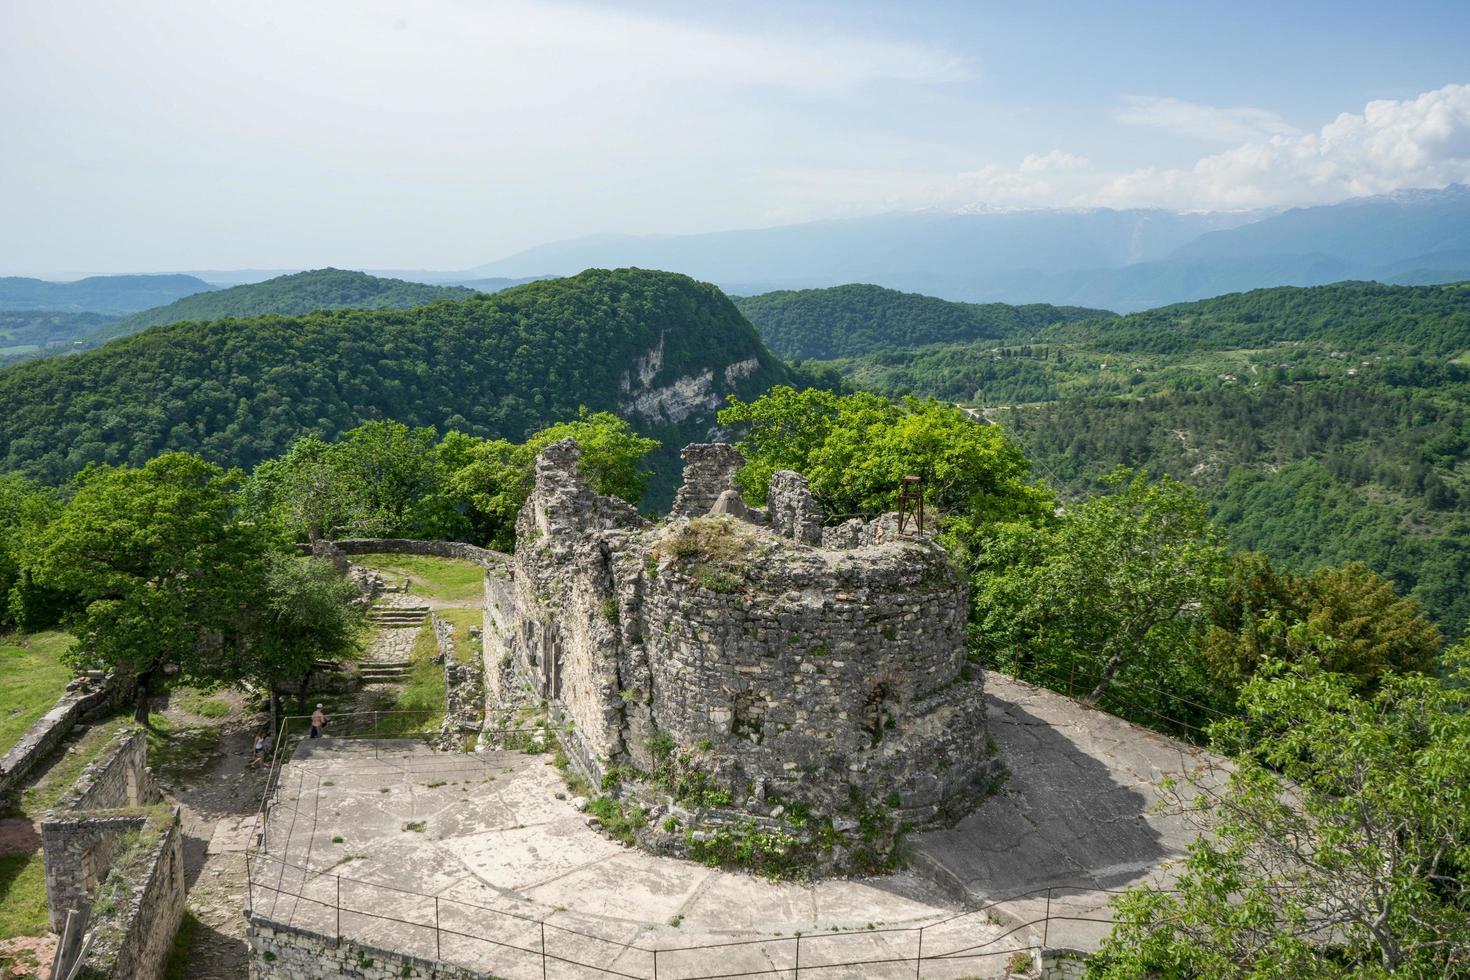 del av anakopifästningen med utsikt över den gröna skogen och bergen med en klarblå himmel i nya Aten, Abchazien foto